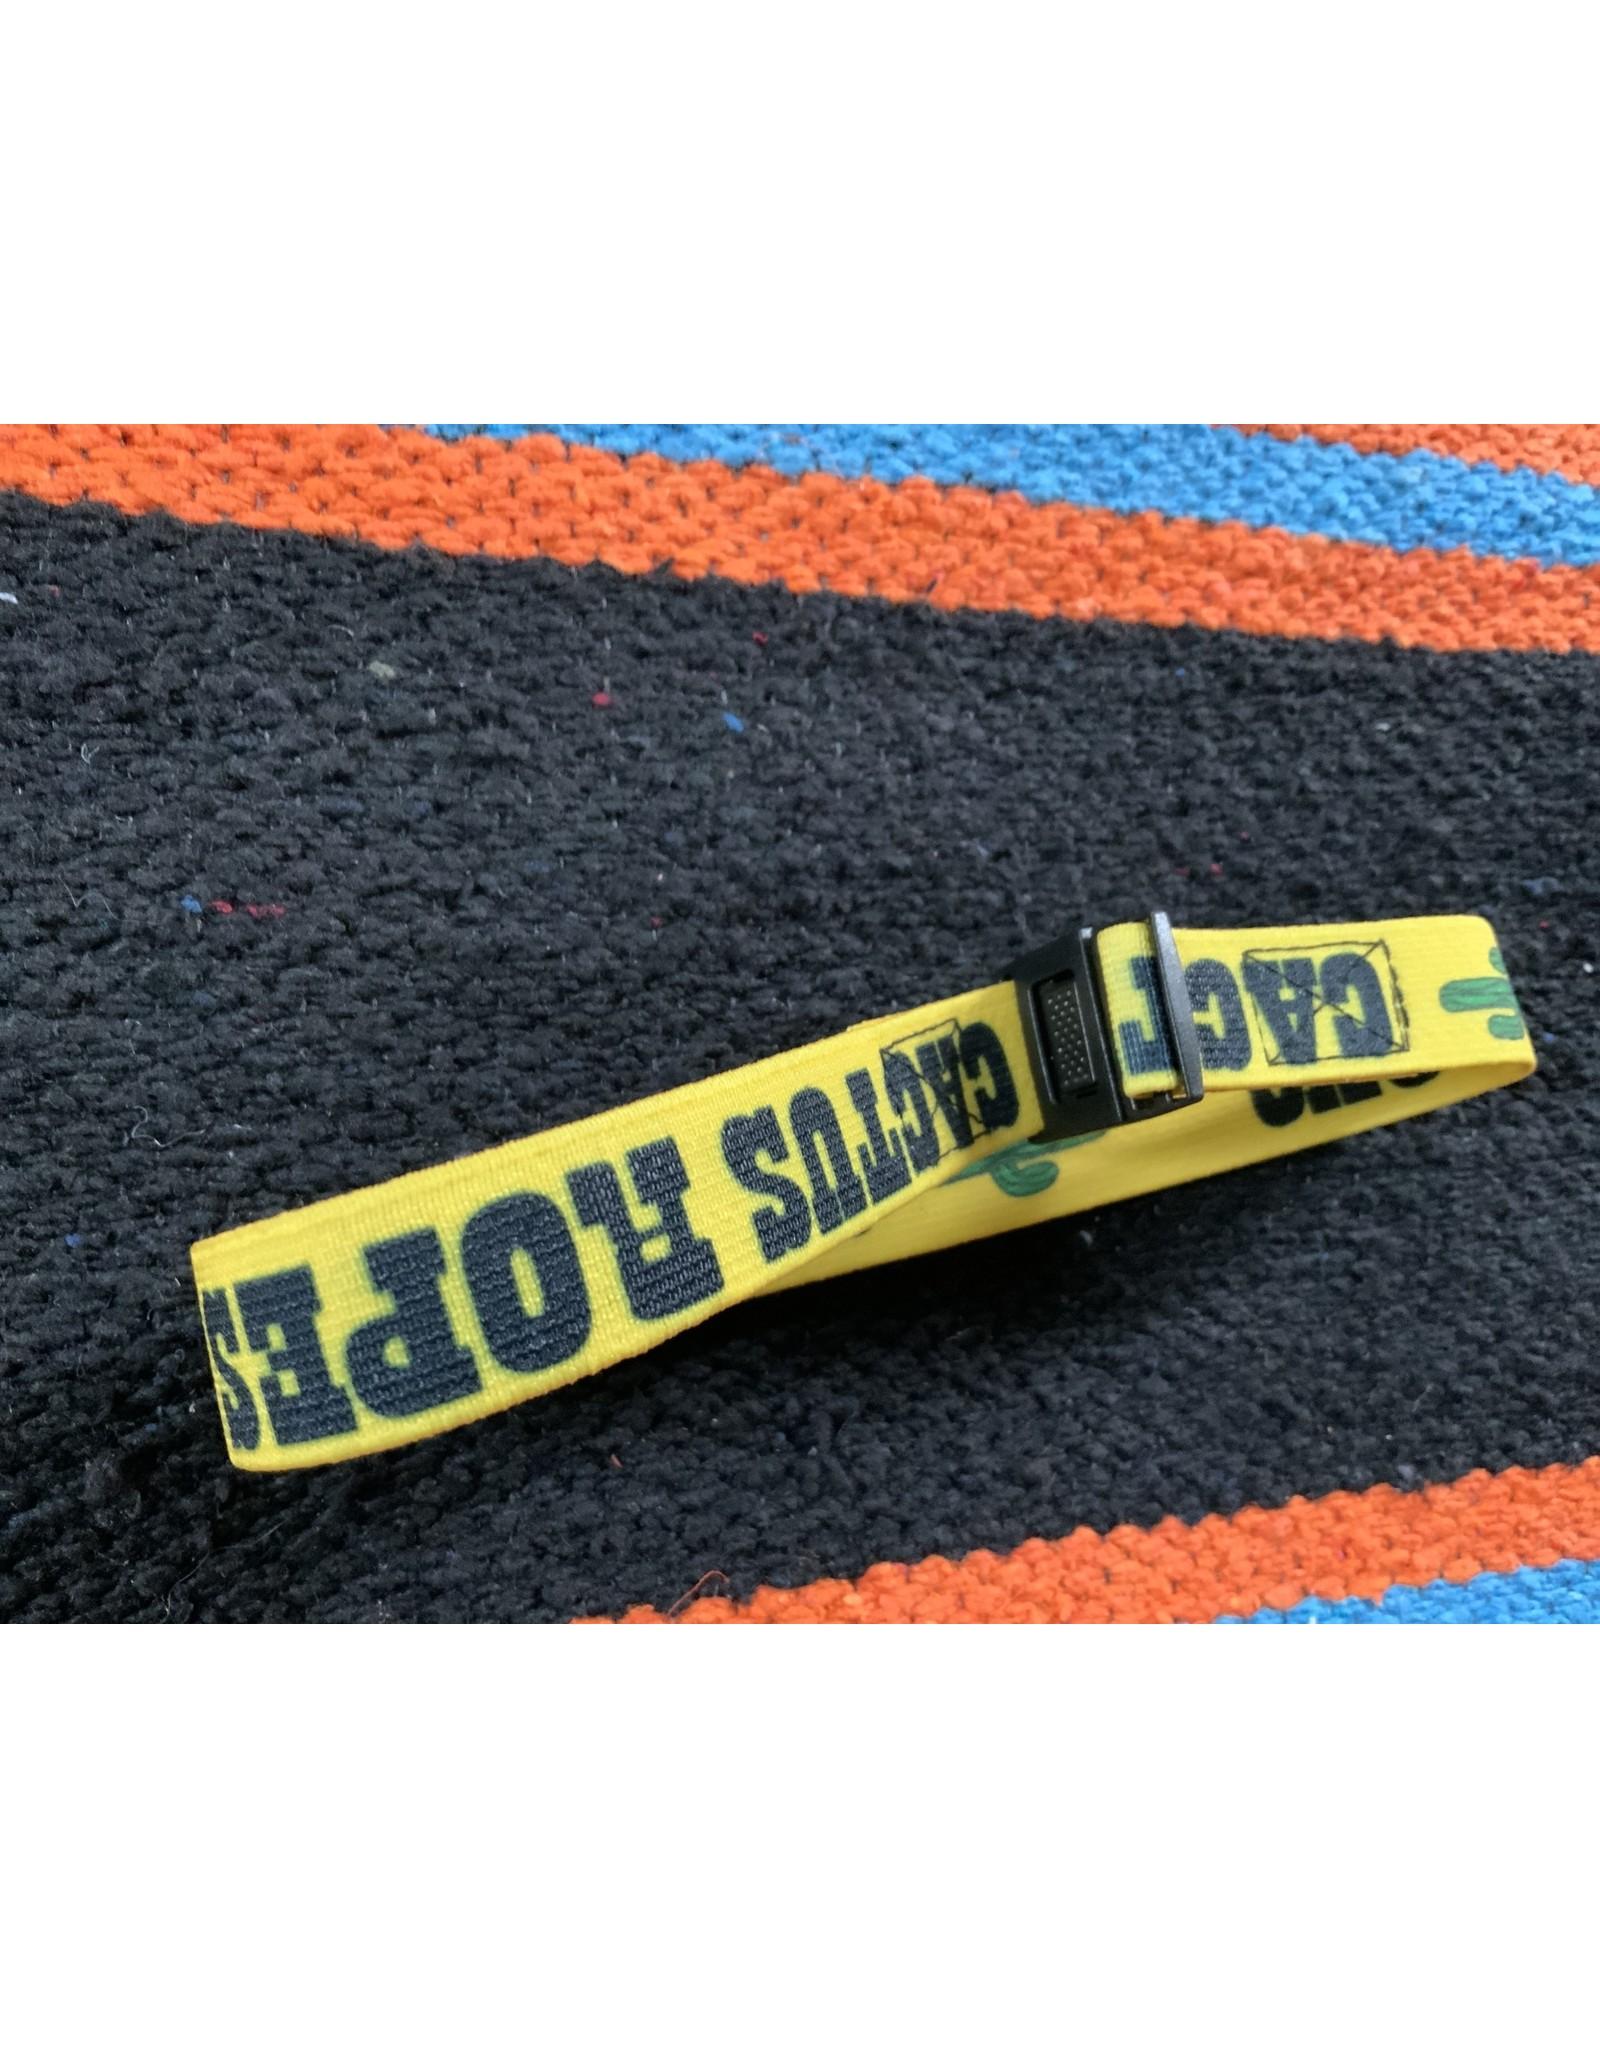 Catus rope straps